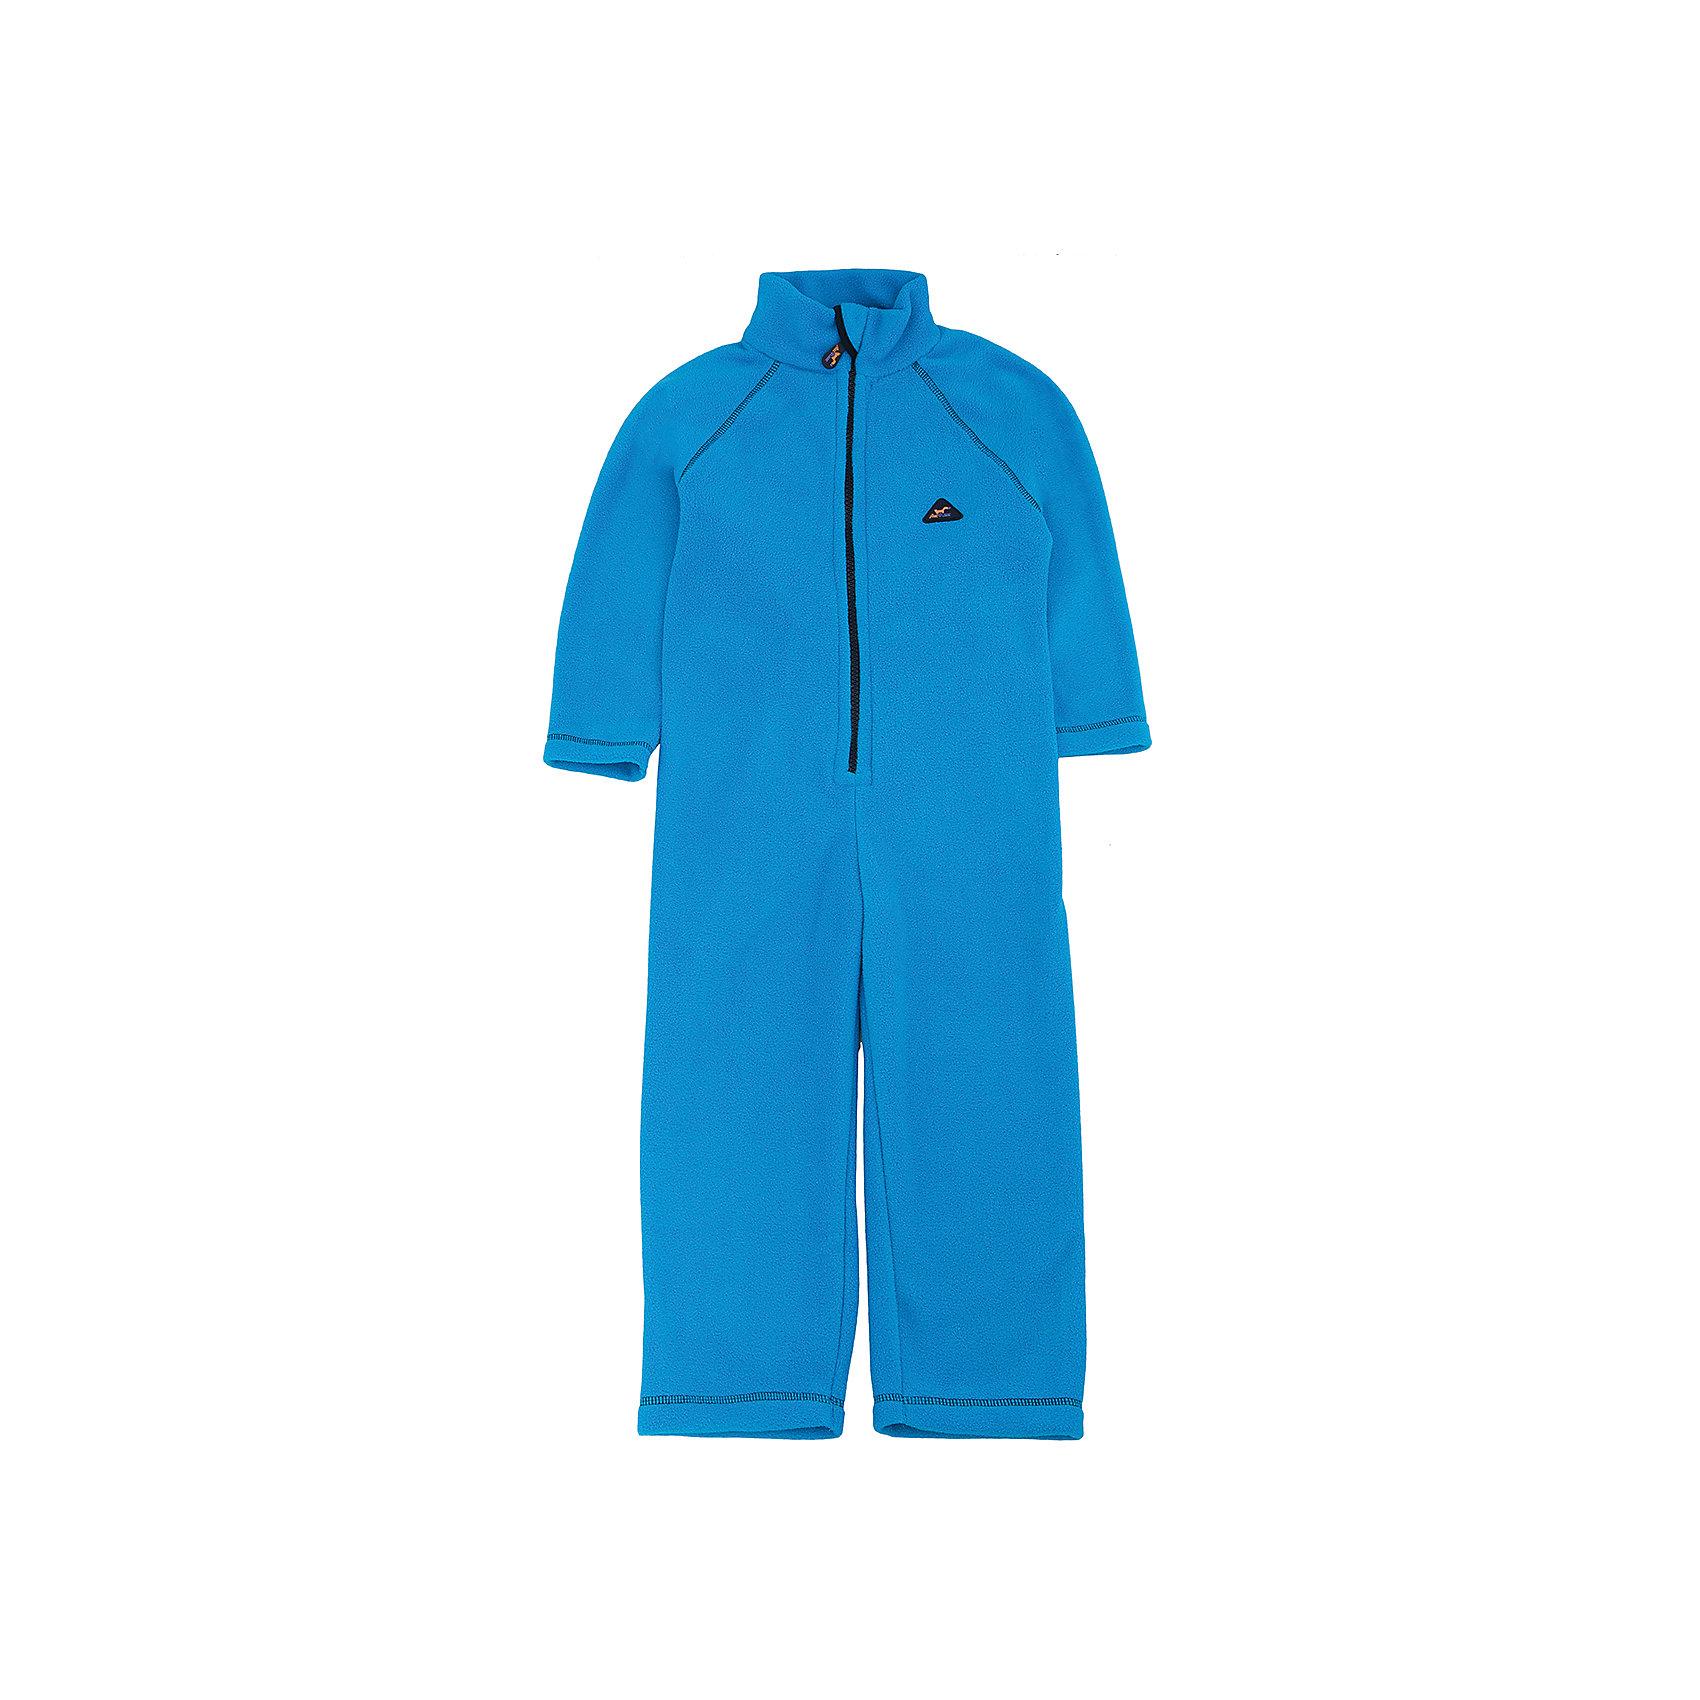 Комбинезон Радуга для мальчика ЛисФлисХарактеристики комбинезона:<br><br>- пол: для мальчиков<br>- комплект: комбинезон<br>- длина рукава: длинные<br>- цвет: голубой<br>- вид застежки: молния<br>- материал: флис<br>- уход: предварительная стирка<br>- рисунок: без рисунка<br>- утеплитель: без утепления<br>- назначение: повседневная<br>- сезон: круглогодичный<br>- страна бренда: Россия<br>- страна производитель: Россия<br><br>Комбинезон Радуга торговой марки ЛисФлис - самое удачное сочетание цены и качества! Компания ЛисФлис использует только лучший флис самого высокого качества с двусторонней антипиллинговой обработкой и дополнительной обработкой SoftWare для большей мягкости изделий. Комбинезон изготовлен из тонкого микрофлиса, очень легкий и удобный. Его просто надевать и снимать. <br><br>Комбинезон для мальчика торговой марки ЛисФлис  можно купить в нашем интернет-магазине.<br><br>Ширина мм: 215<br>Глубина мм: 88<br>Высота мм: 191<br>Вес г: 336<br>Цвет: голубой<br>Возраст от месяцев: 24<br>Возраст до месяцев: 36<br>Пол: Мужской<br>Возраст: Детский<br>Размер: 140,134,128,122,116,110,104,92,86,98,80,146<br>SKU: 4939033